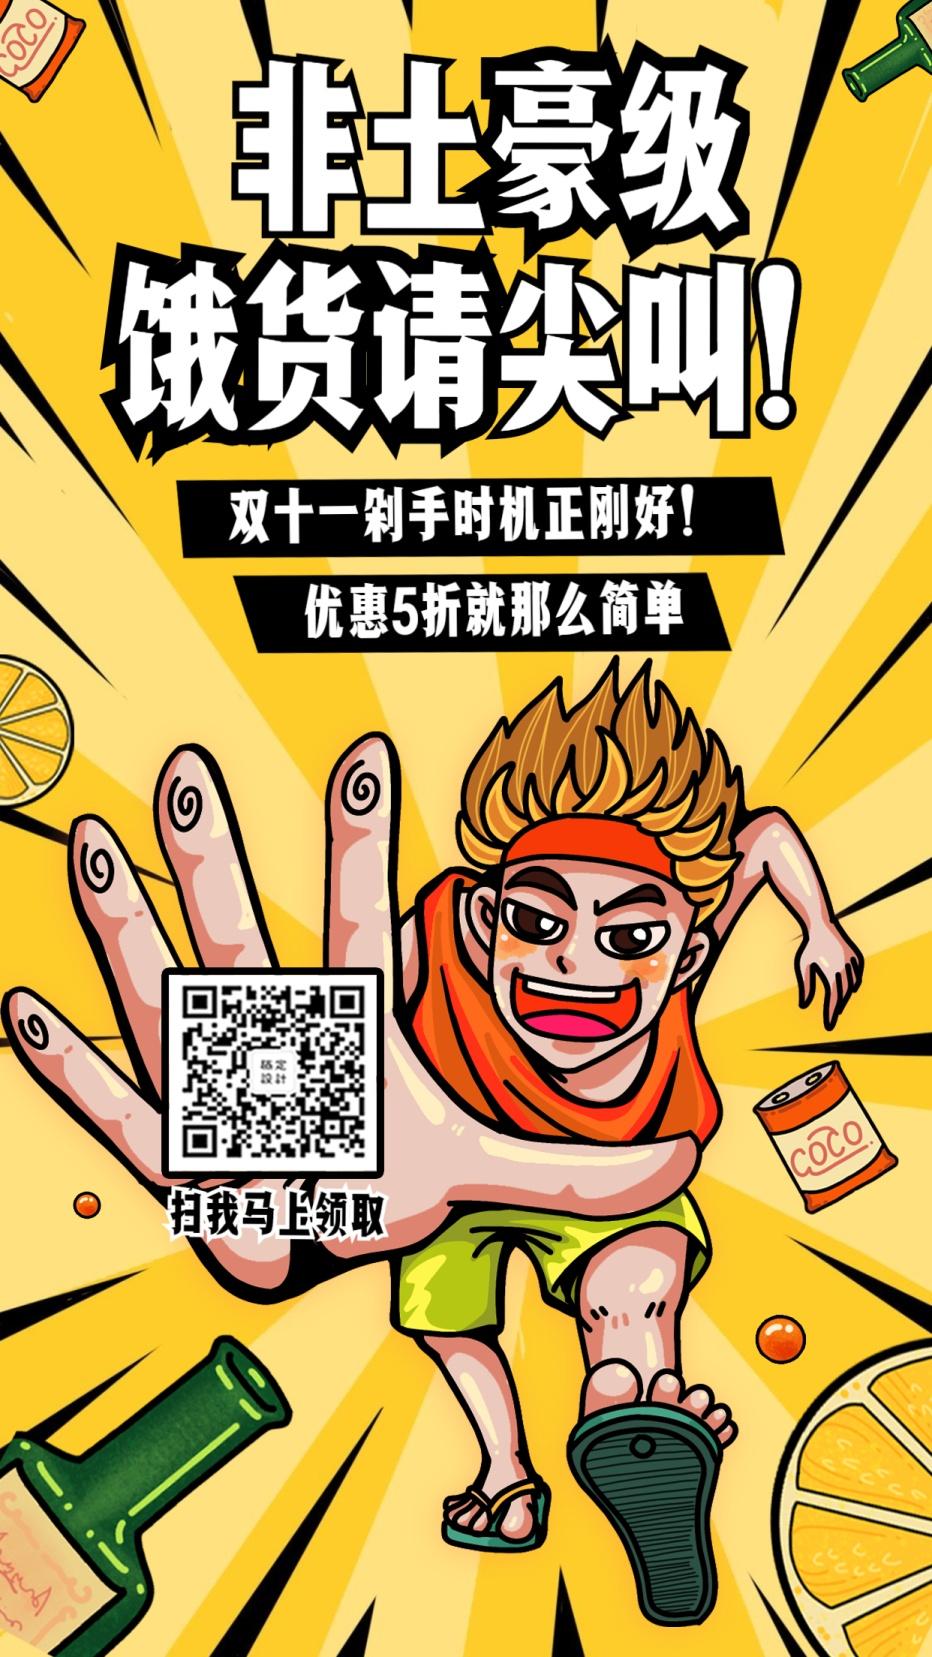 餐饮美食/手绘插画/双十一促销/手机海报